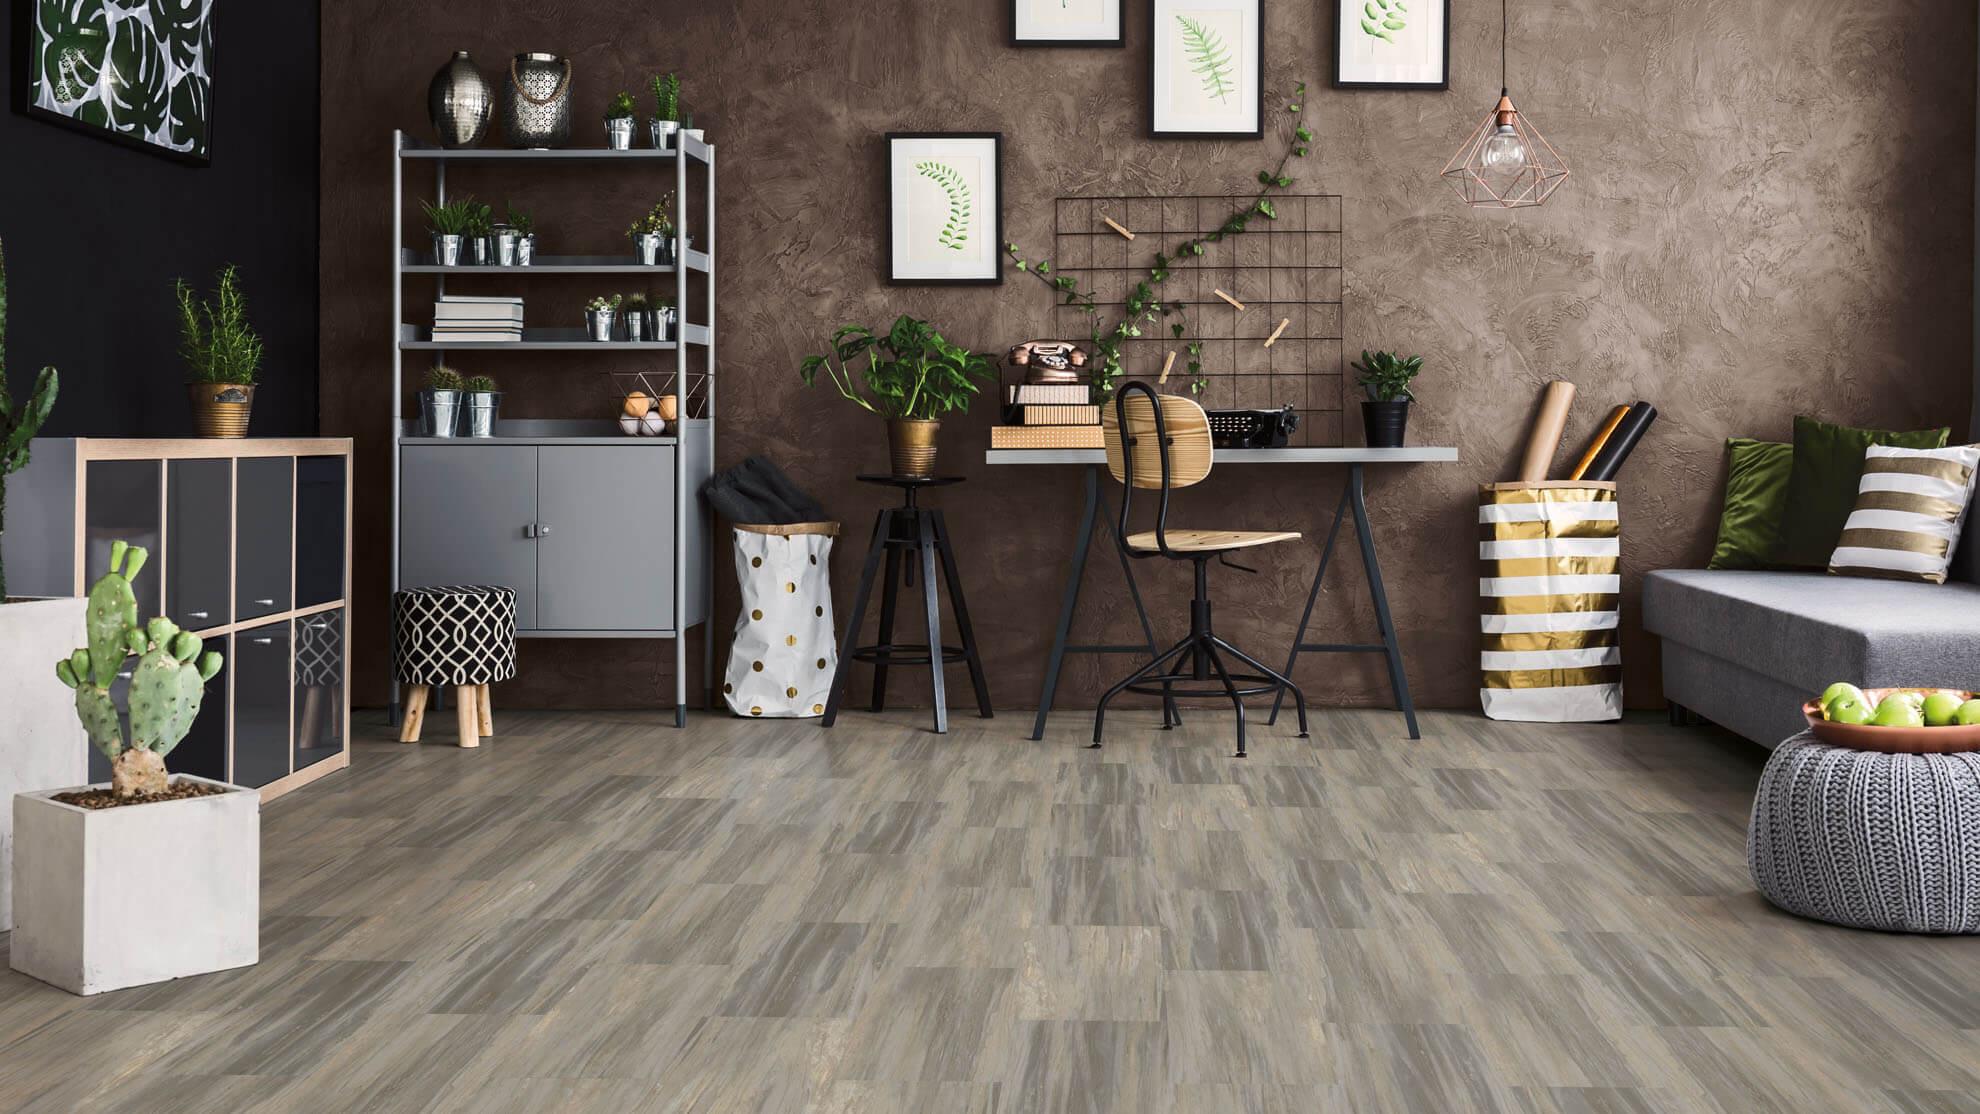 hardwood floor installation austin of earthwerks flooring pertaining to parkhill tile pkt 371